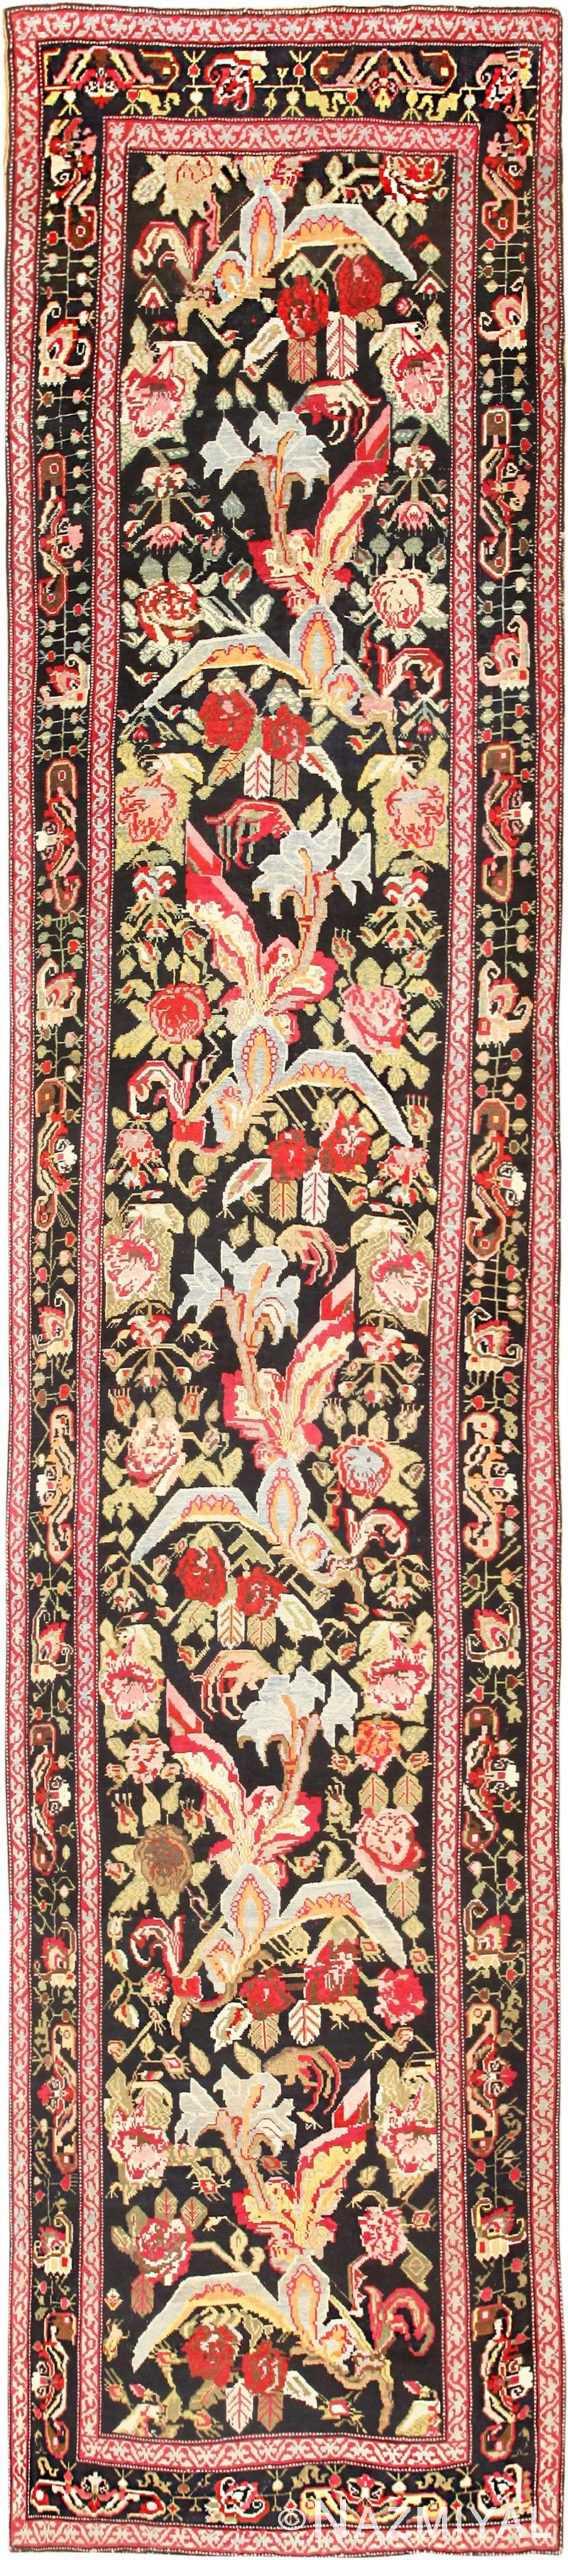 Antique Caucasian Karabagh Runner Rug 48149 Detail/Large View